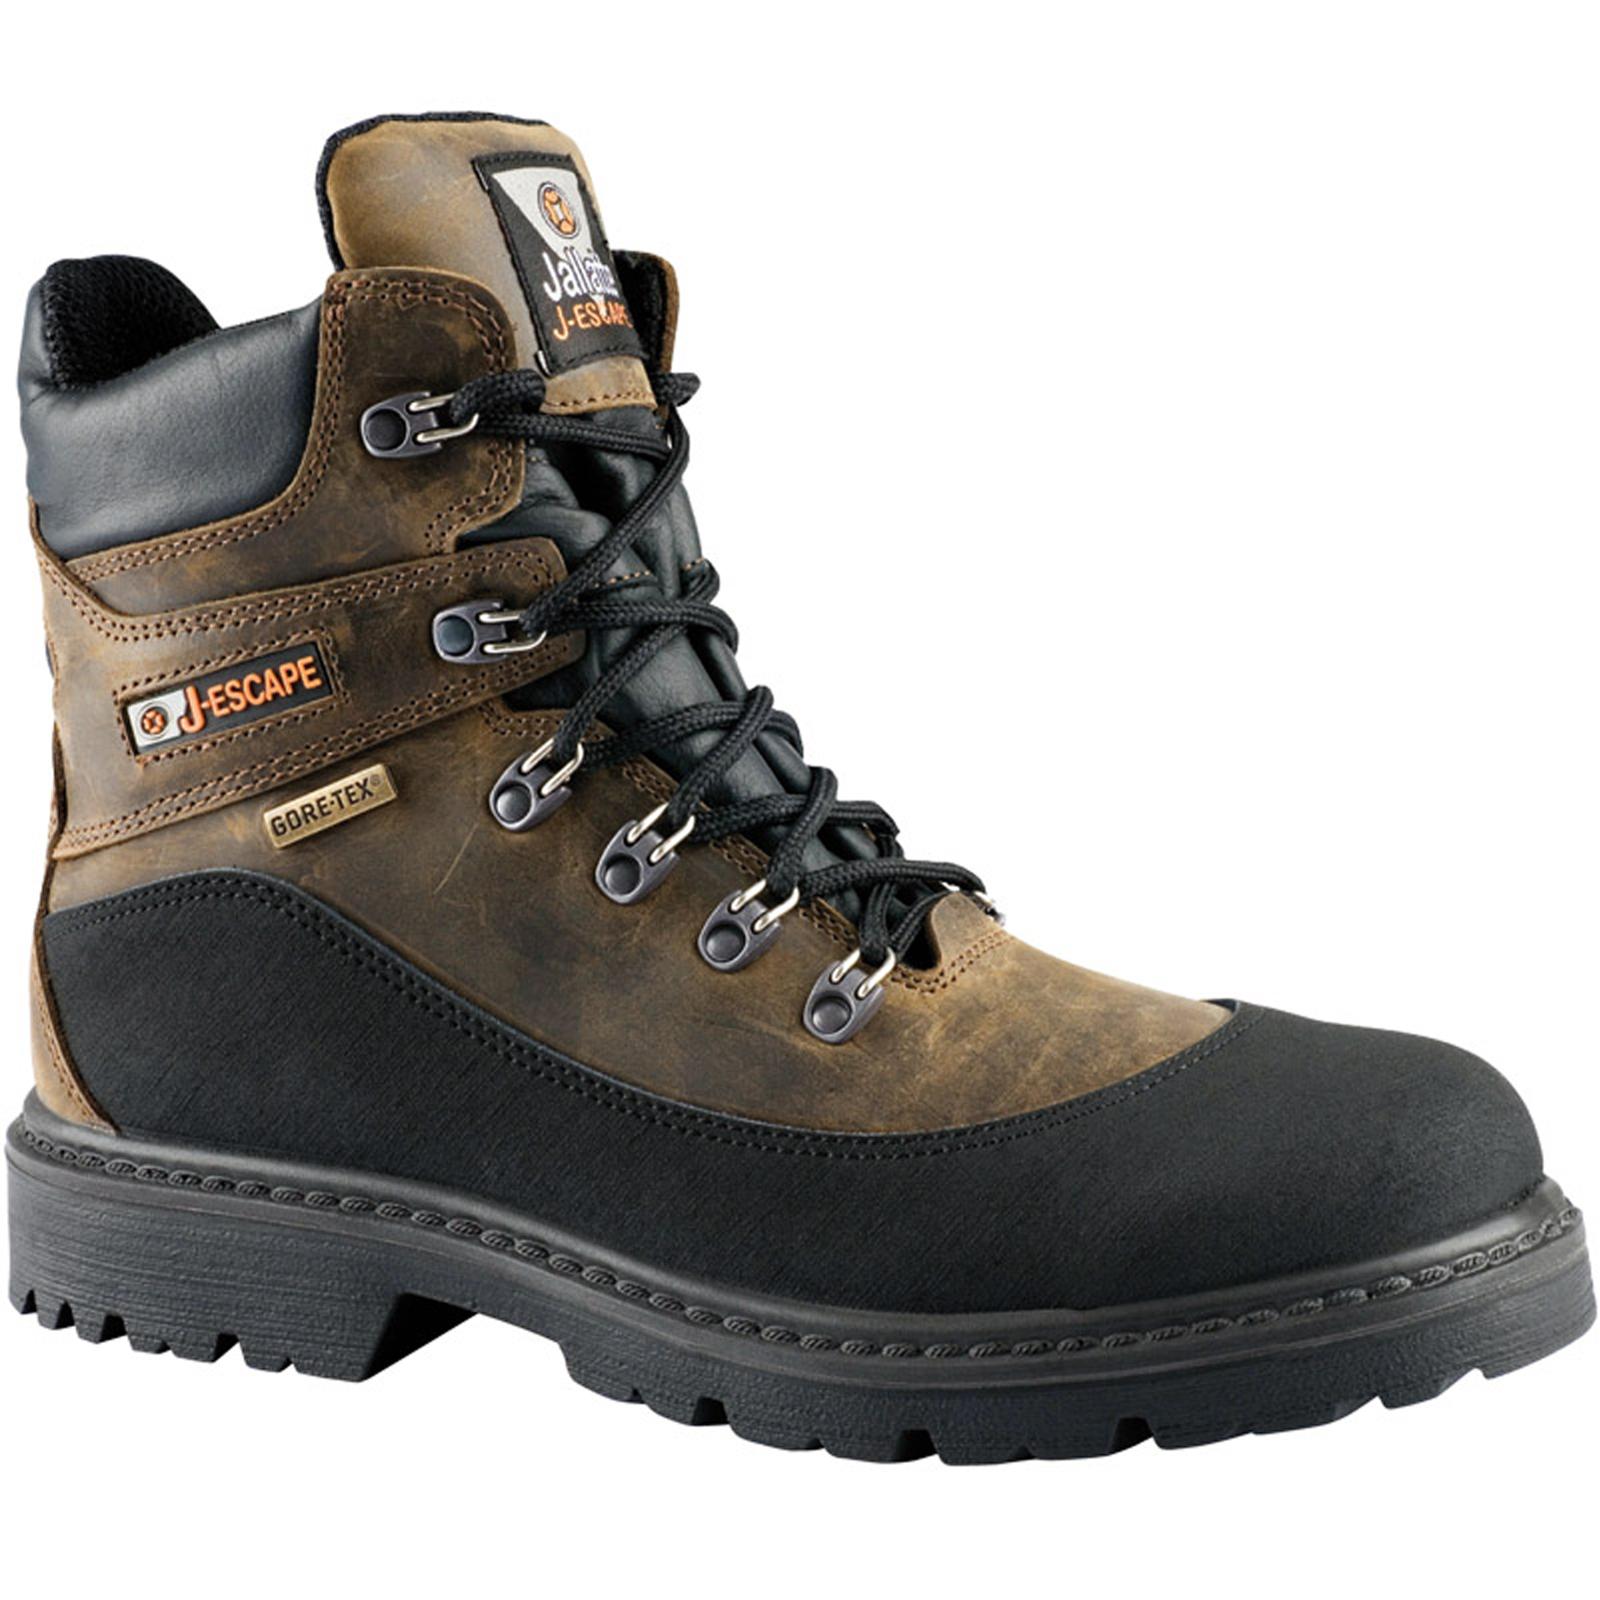 pas mal 12150 0a4ed botte securite jallatte,chaussure de securite jallatte ...